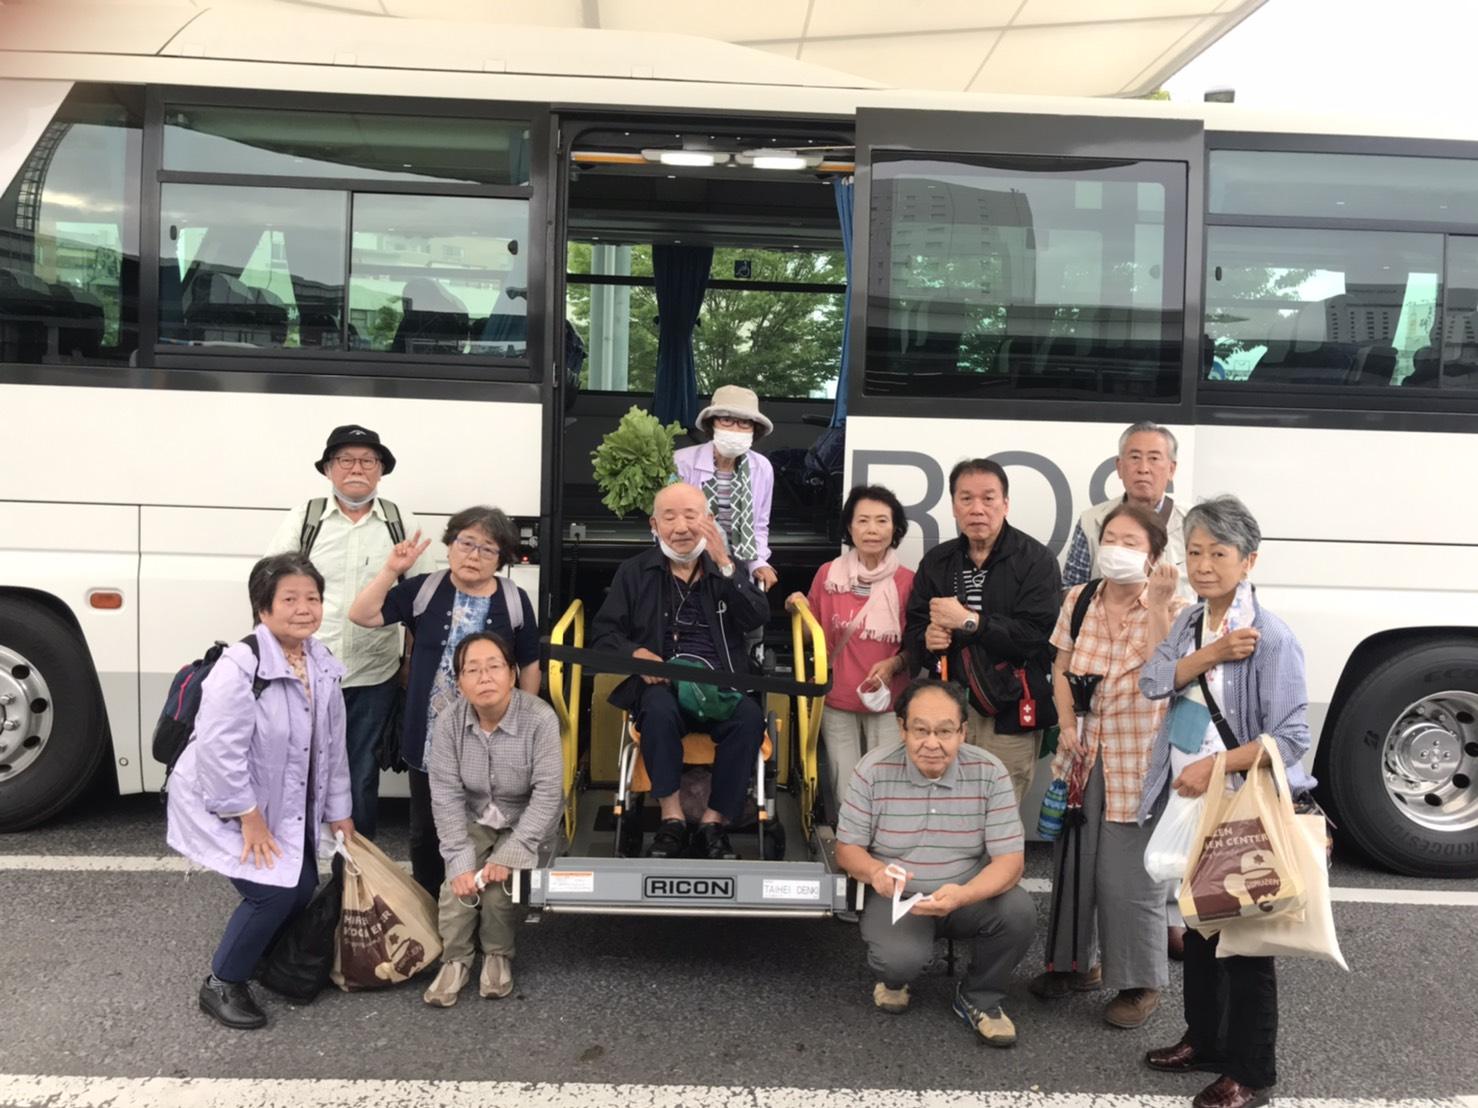 蒜山バス日帰り旅行 2020年9月